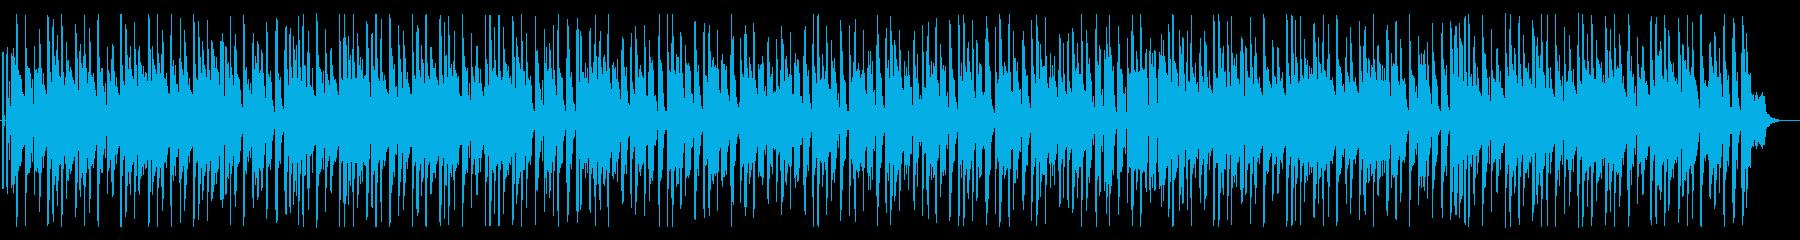 楽しいポップなゲームミュージックの再生済みの波形